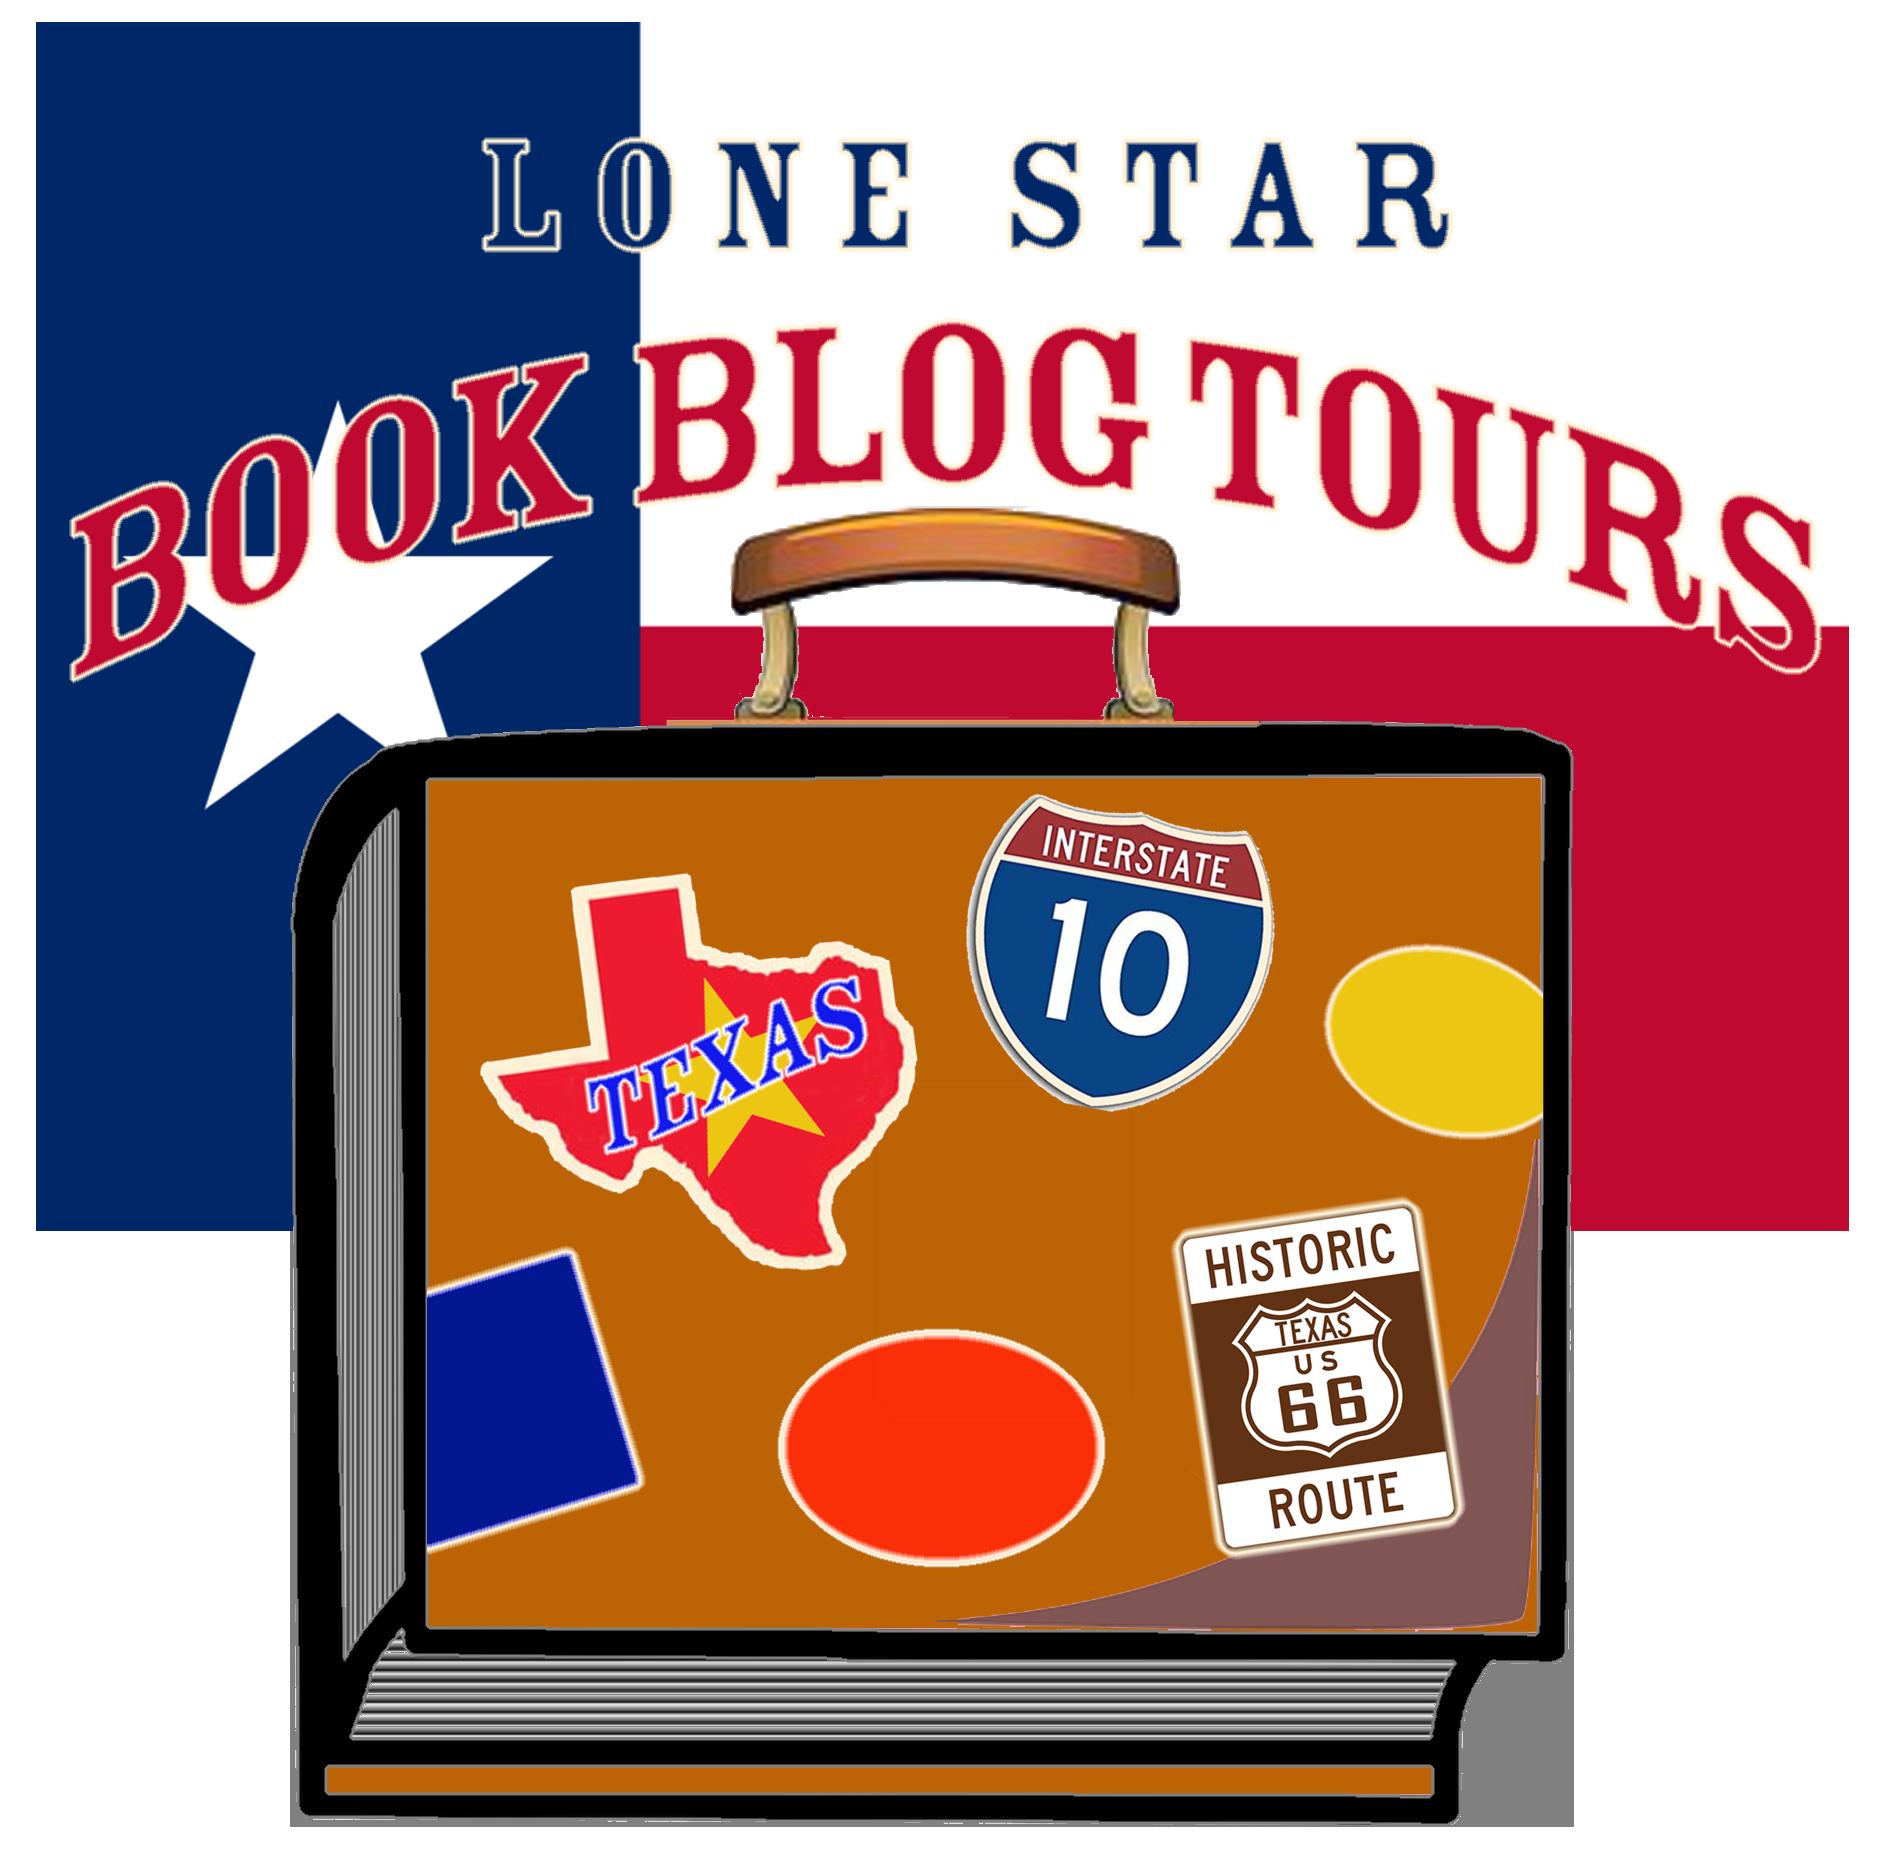 LoneStarBookBlogTours sm